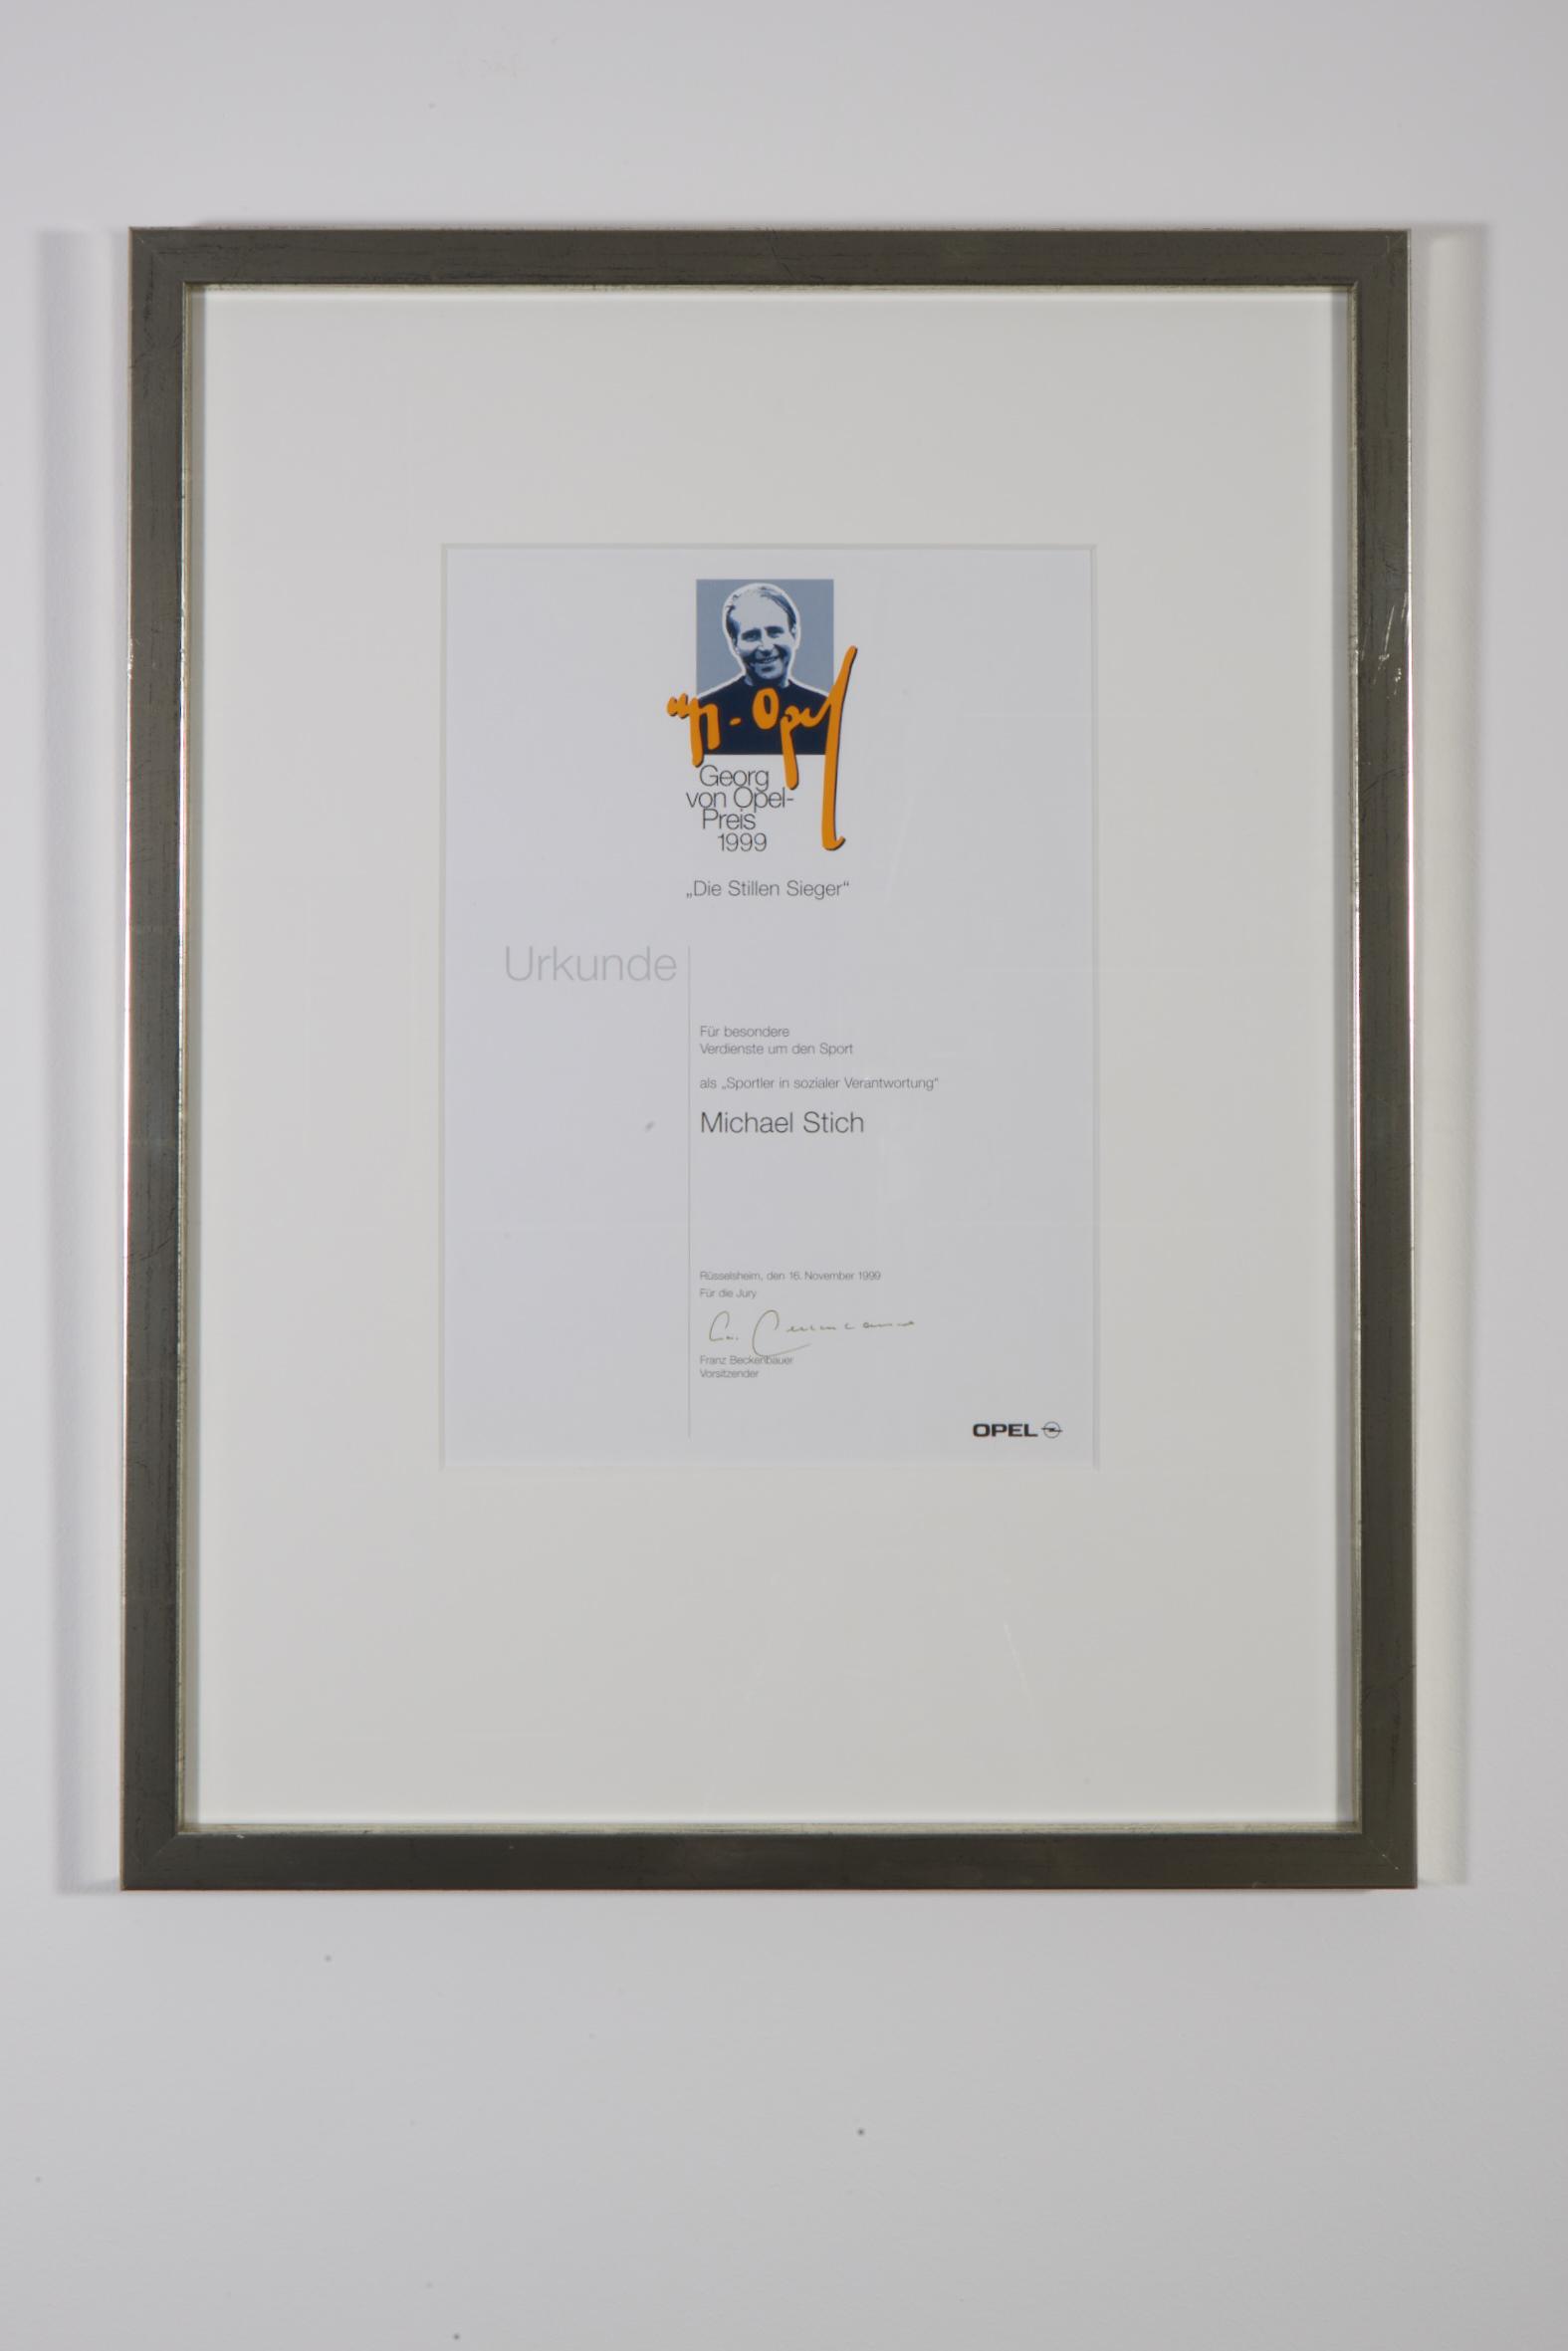 Georg von Opel Preis, 1999